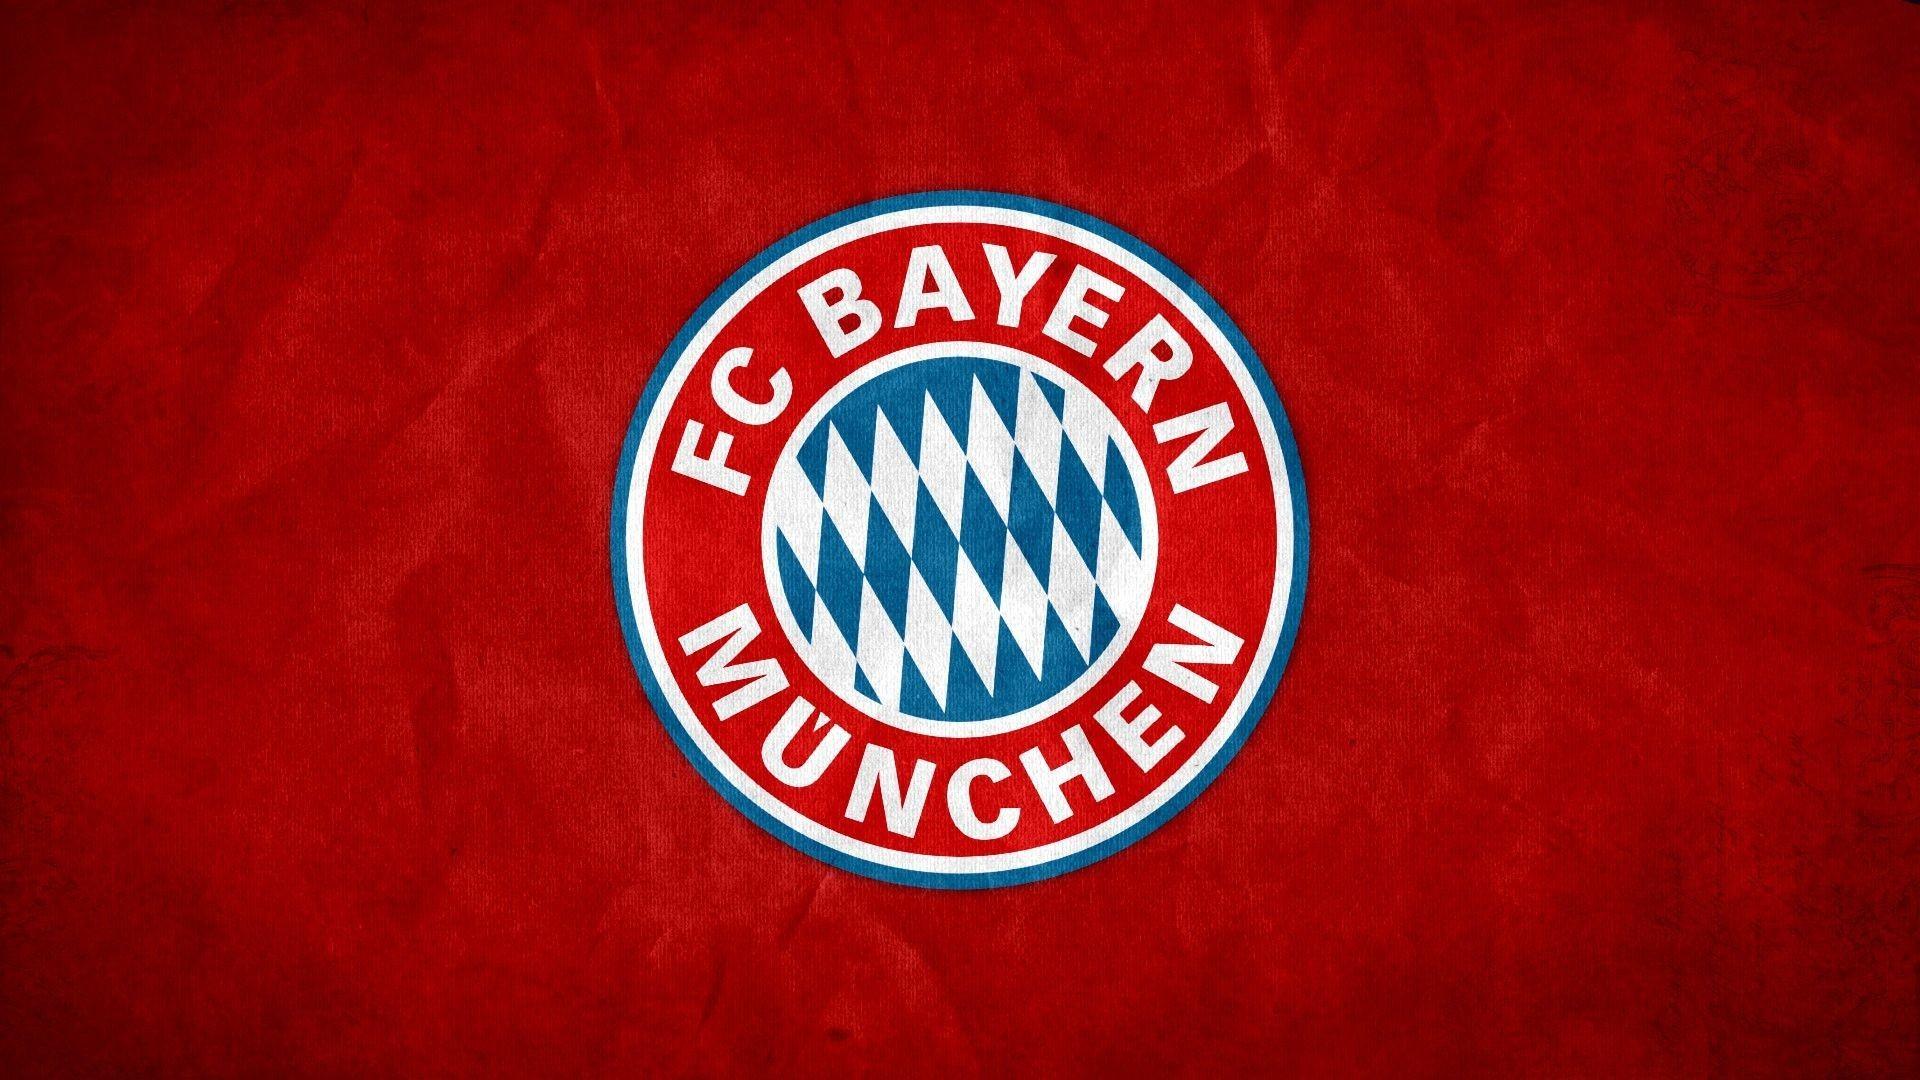 Bayern Munchen Football Club Wallpaper Football Wallpaper HD 1920×1080  Bayern Munich Wallpaper (40